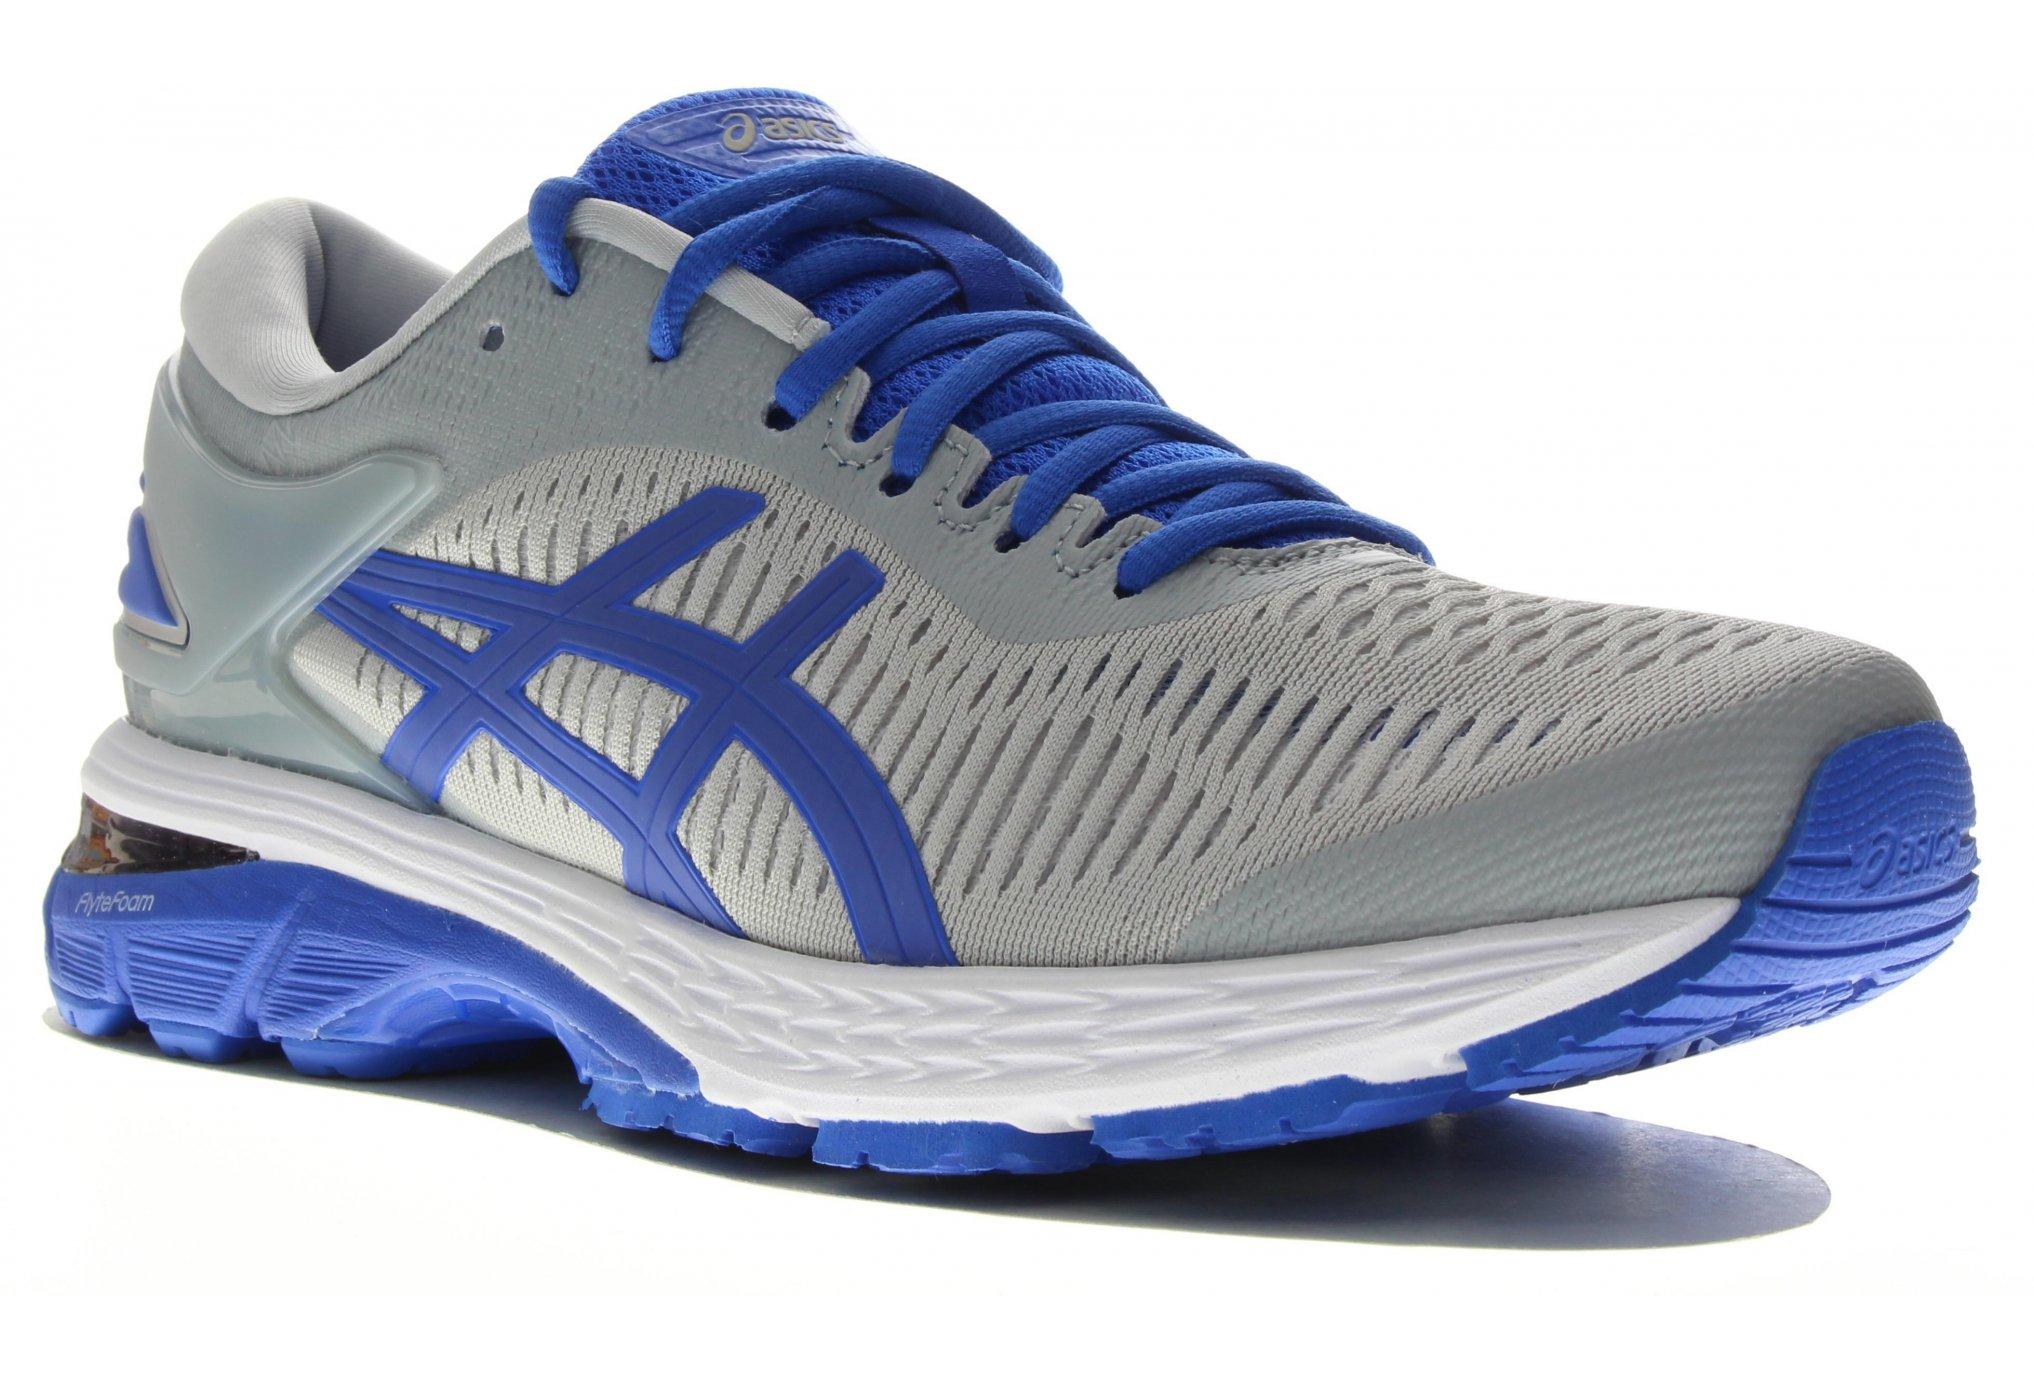 Asics Gel Kayano 25 Expert Chaussures running femme